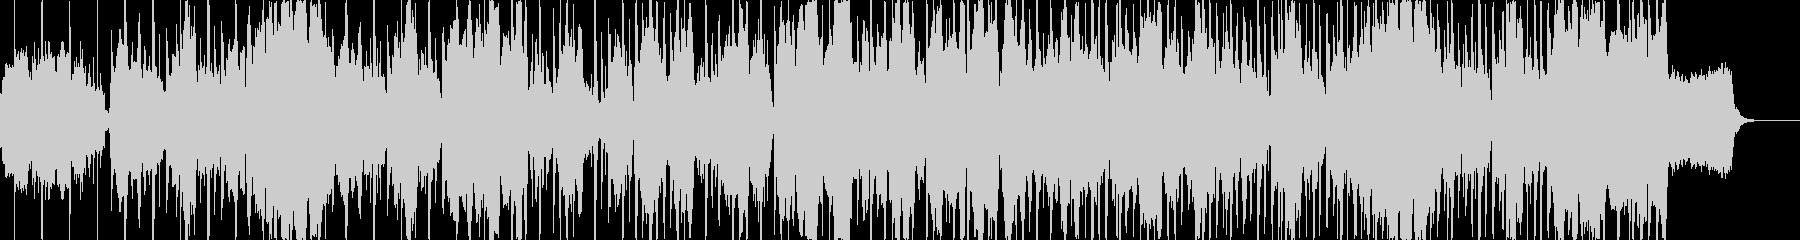 結婚行進曲*生バイオリン+テクノサウンドの未再生の波形